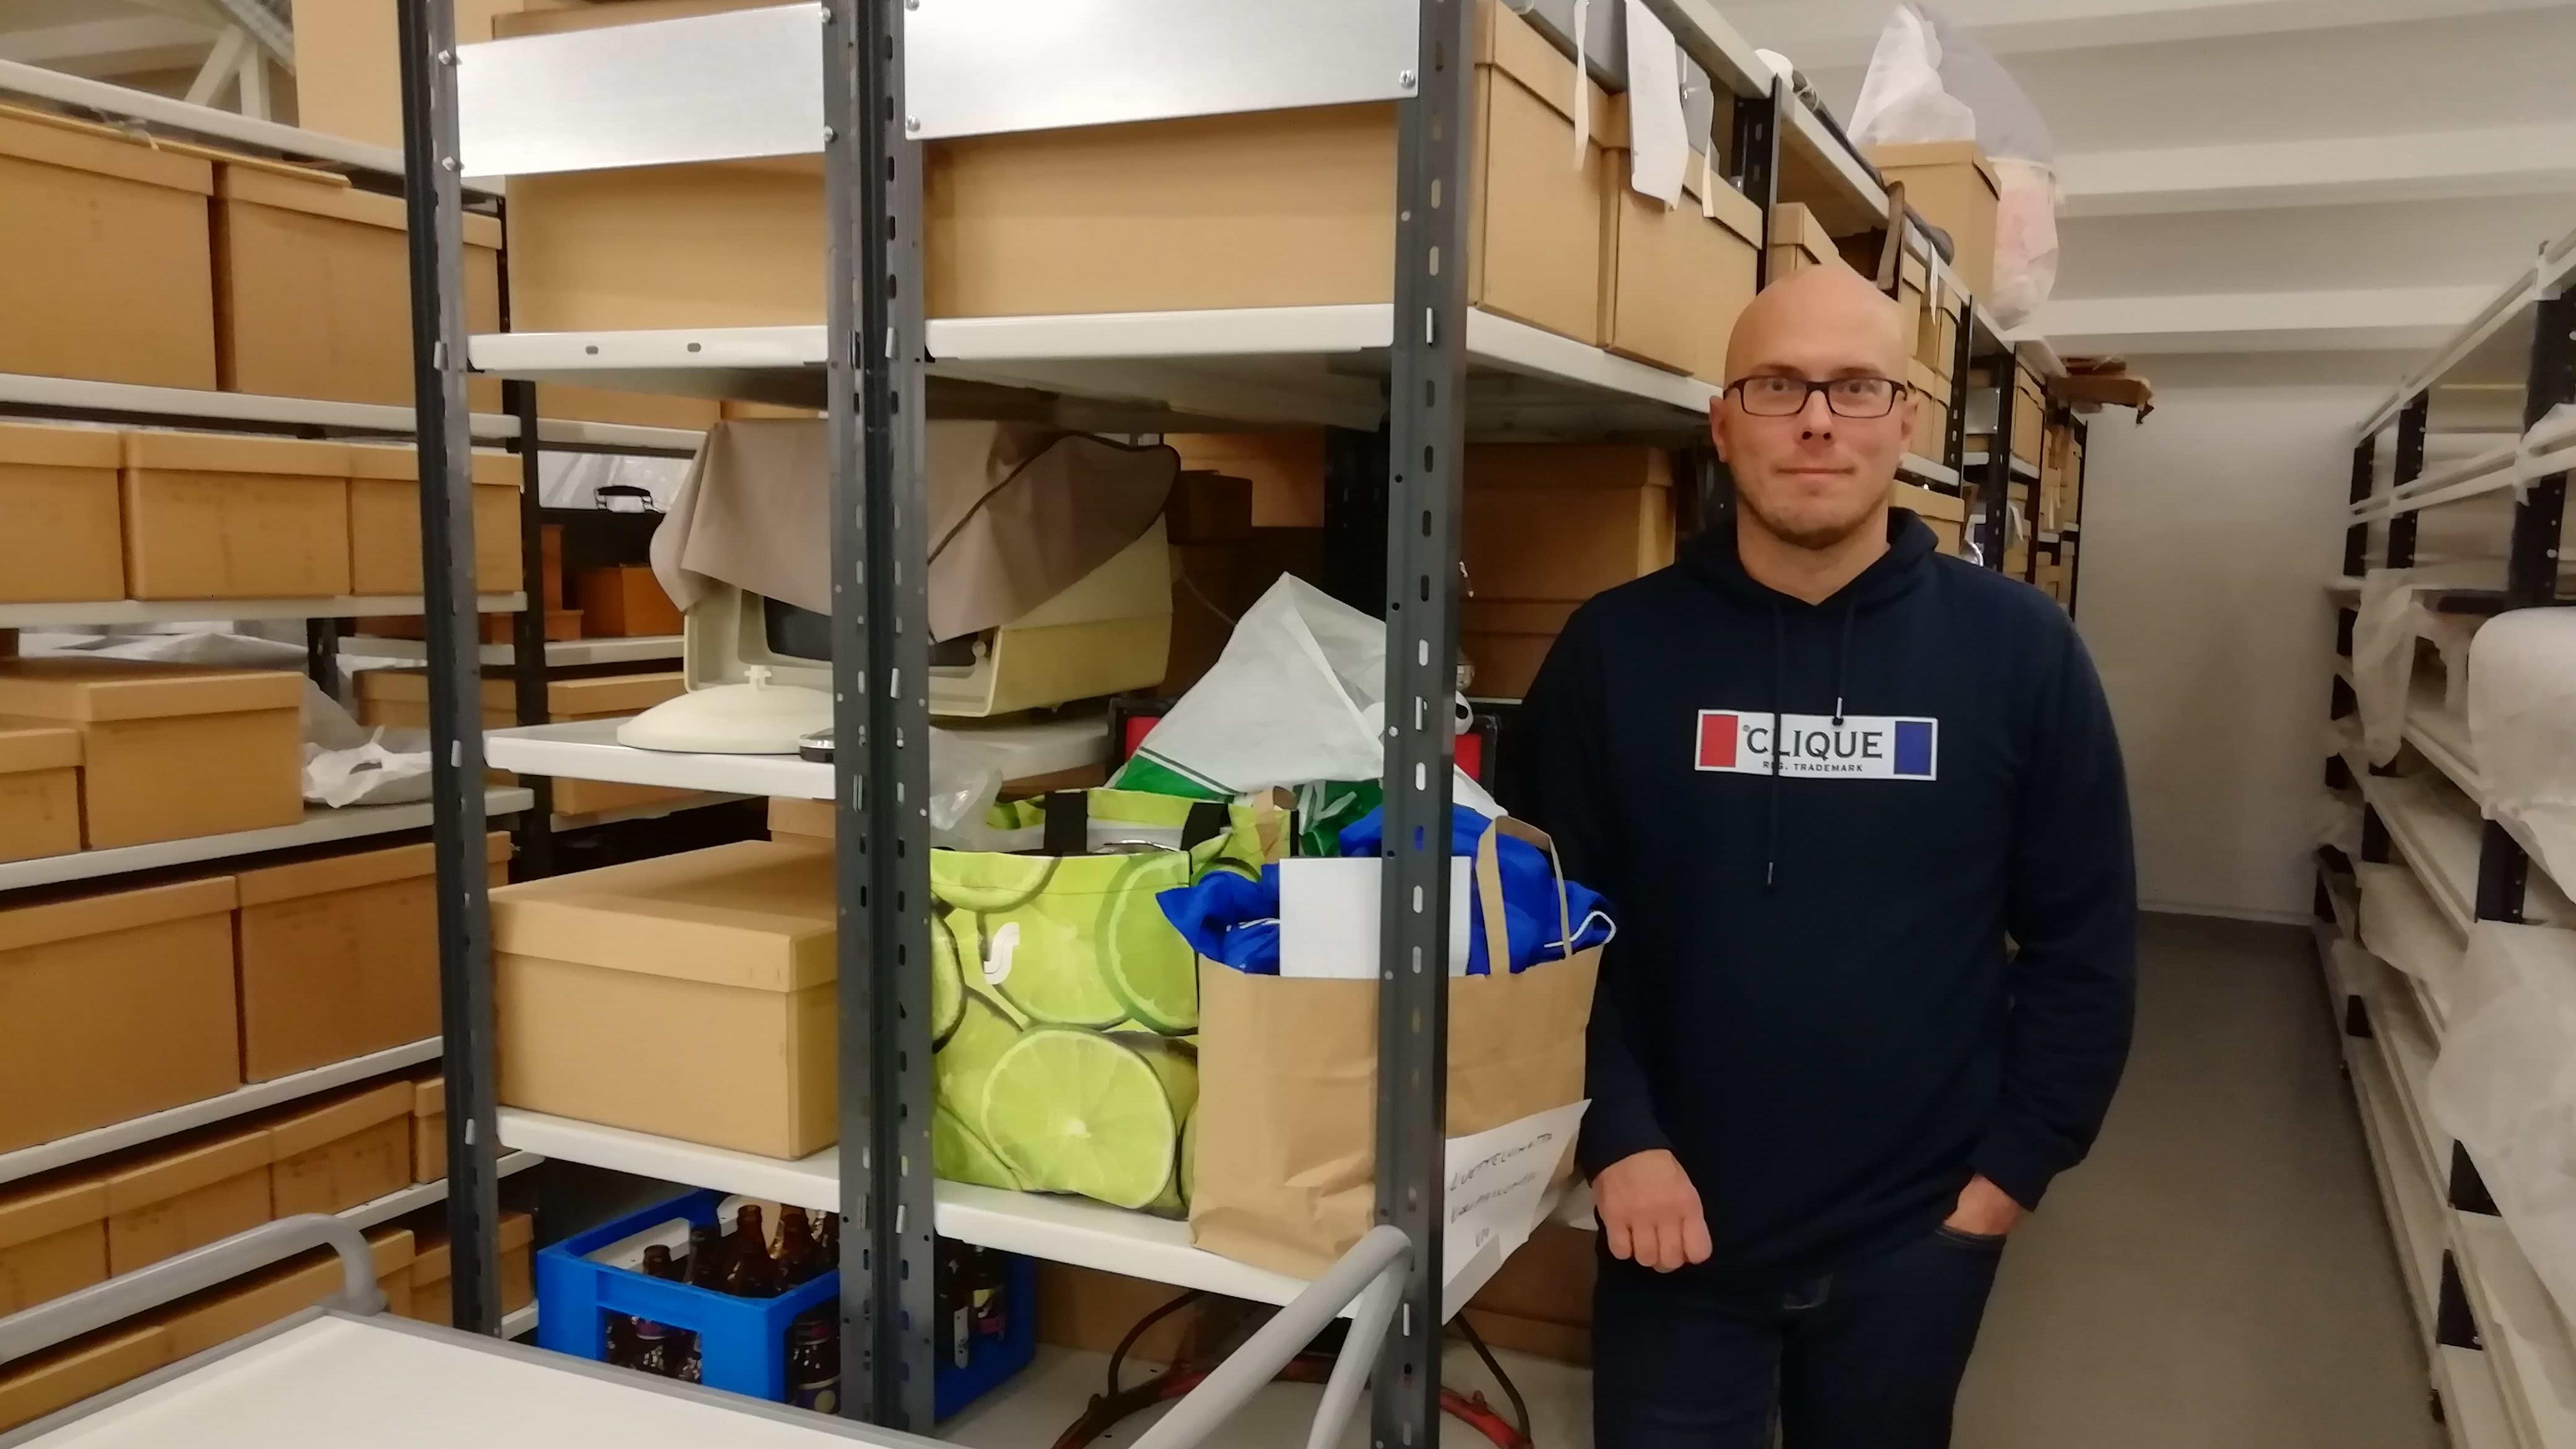 Koripallomuseon kokoelmia varastossa, toiminnanjohtaja Jari Toivonen seisomassa käytävällä